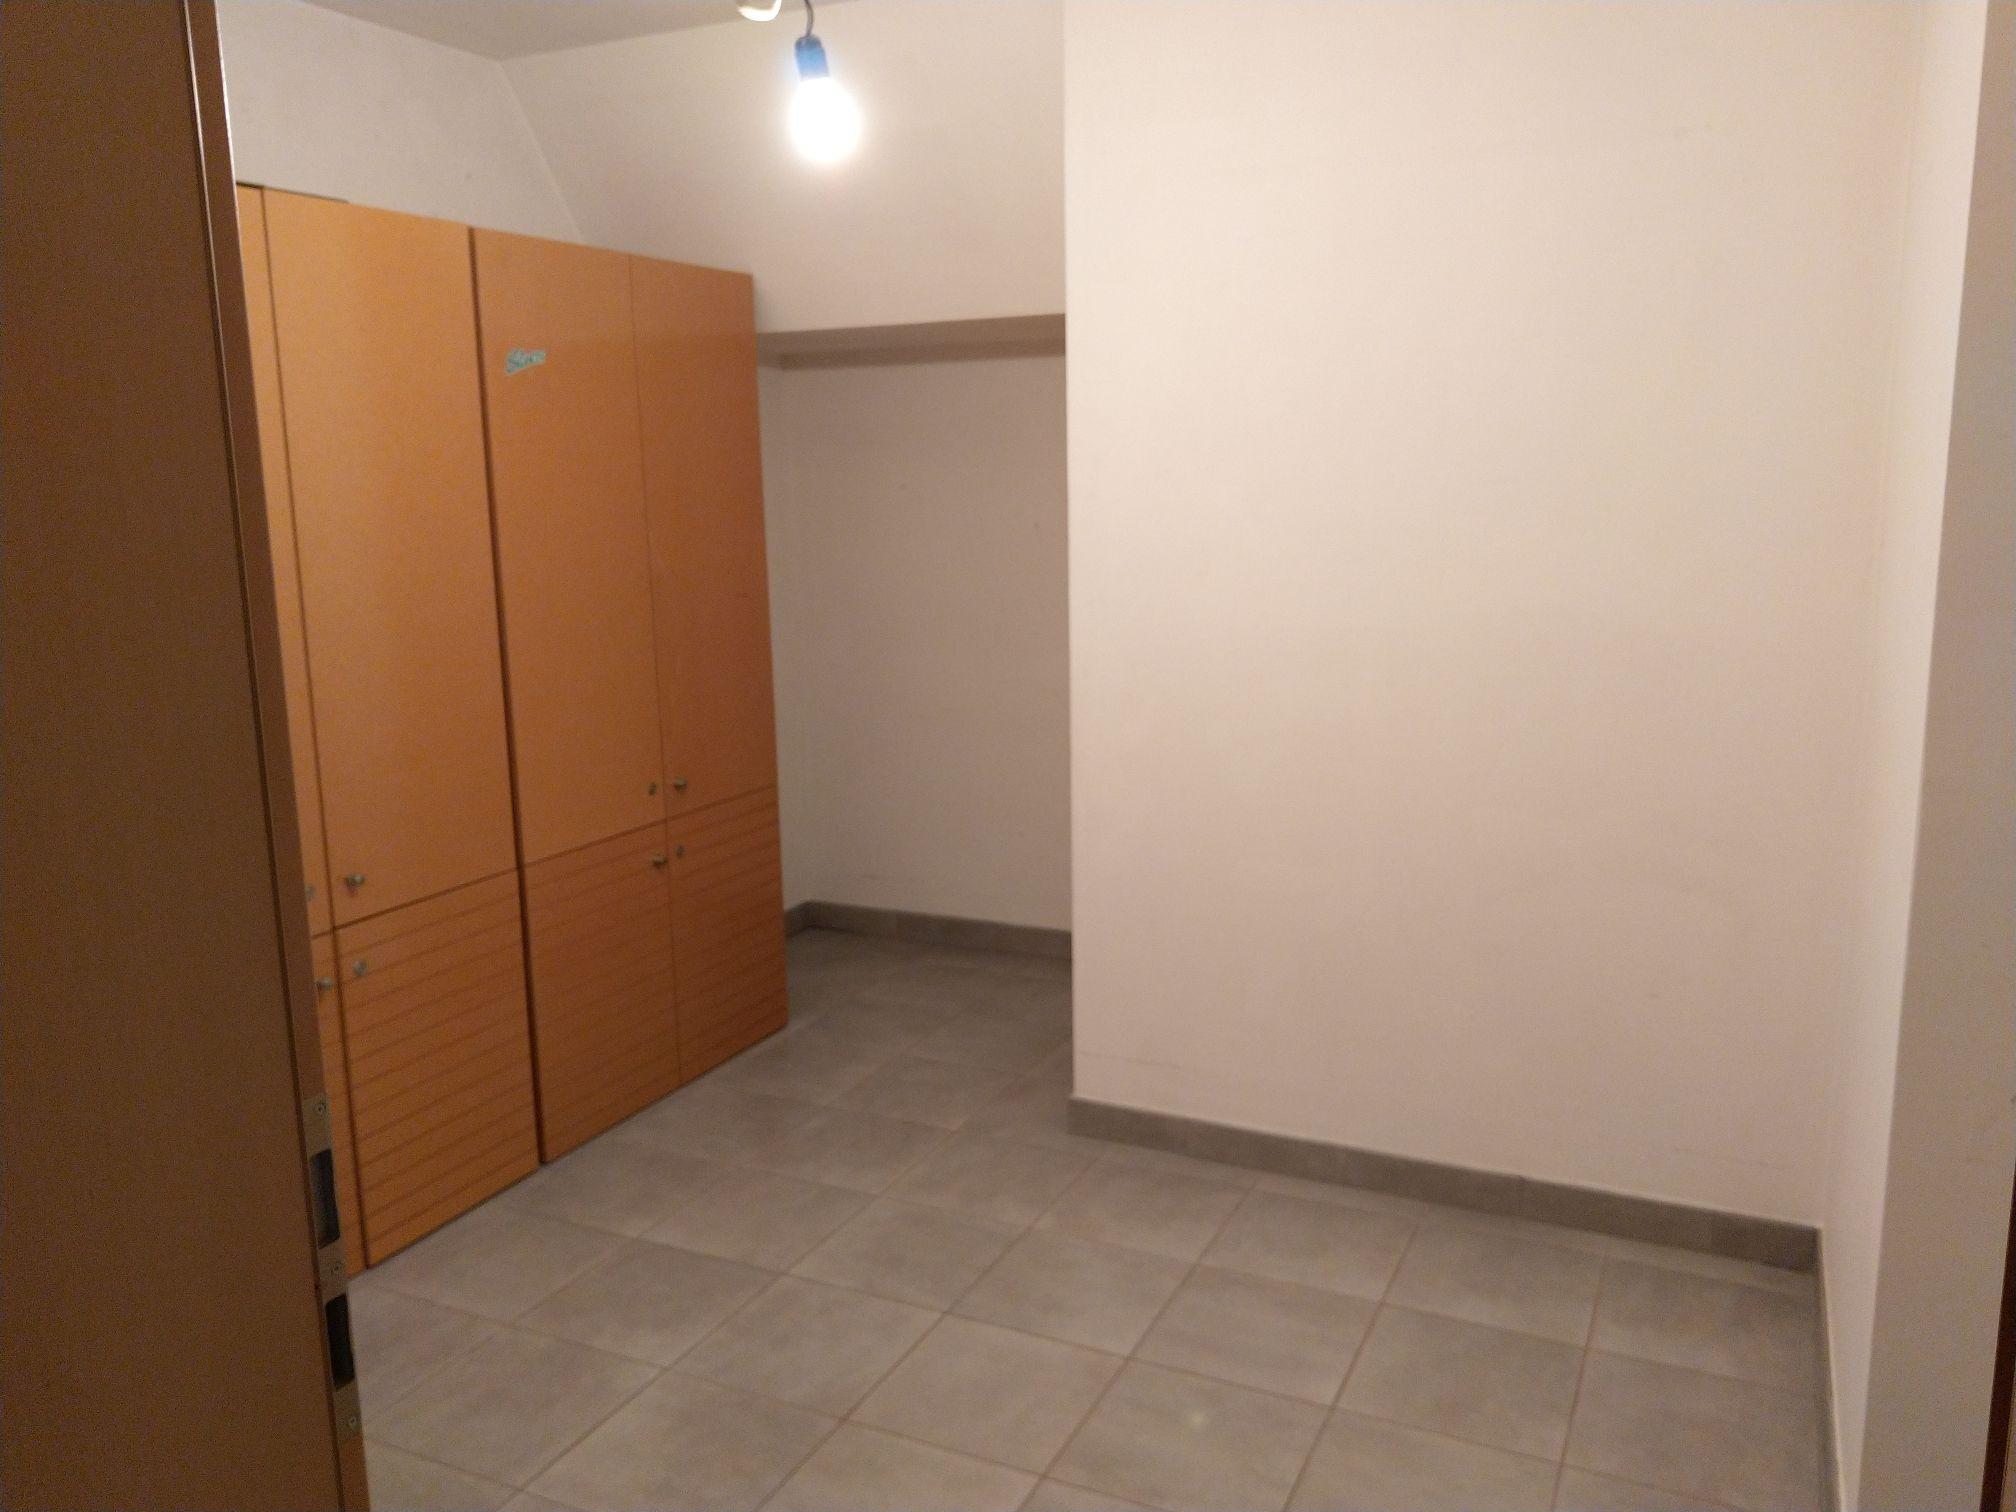 appartement-duplex-a-aubange-belgique (1)